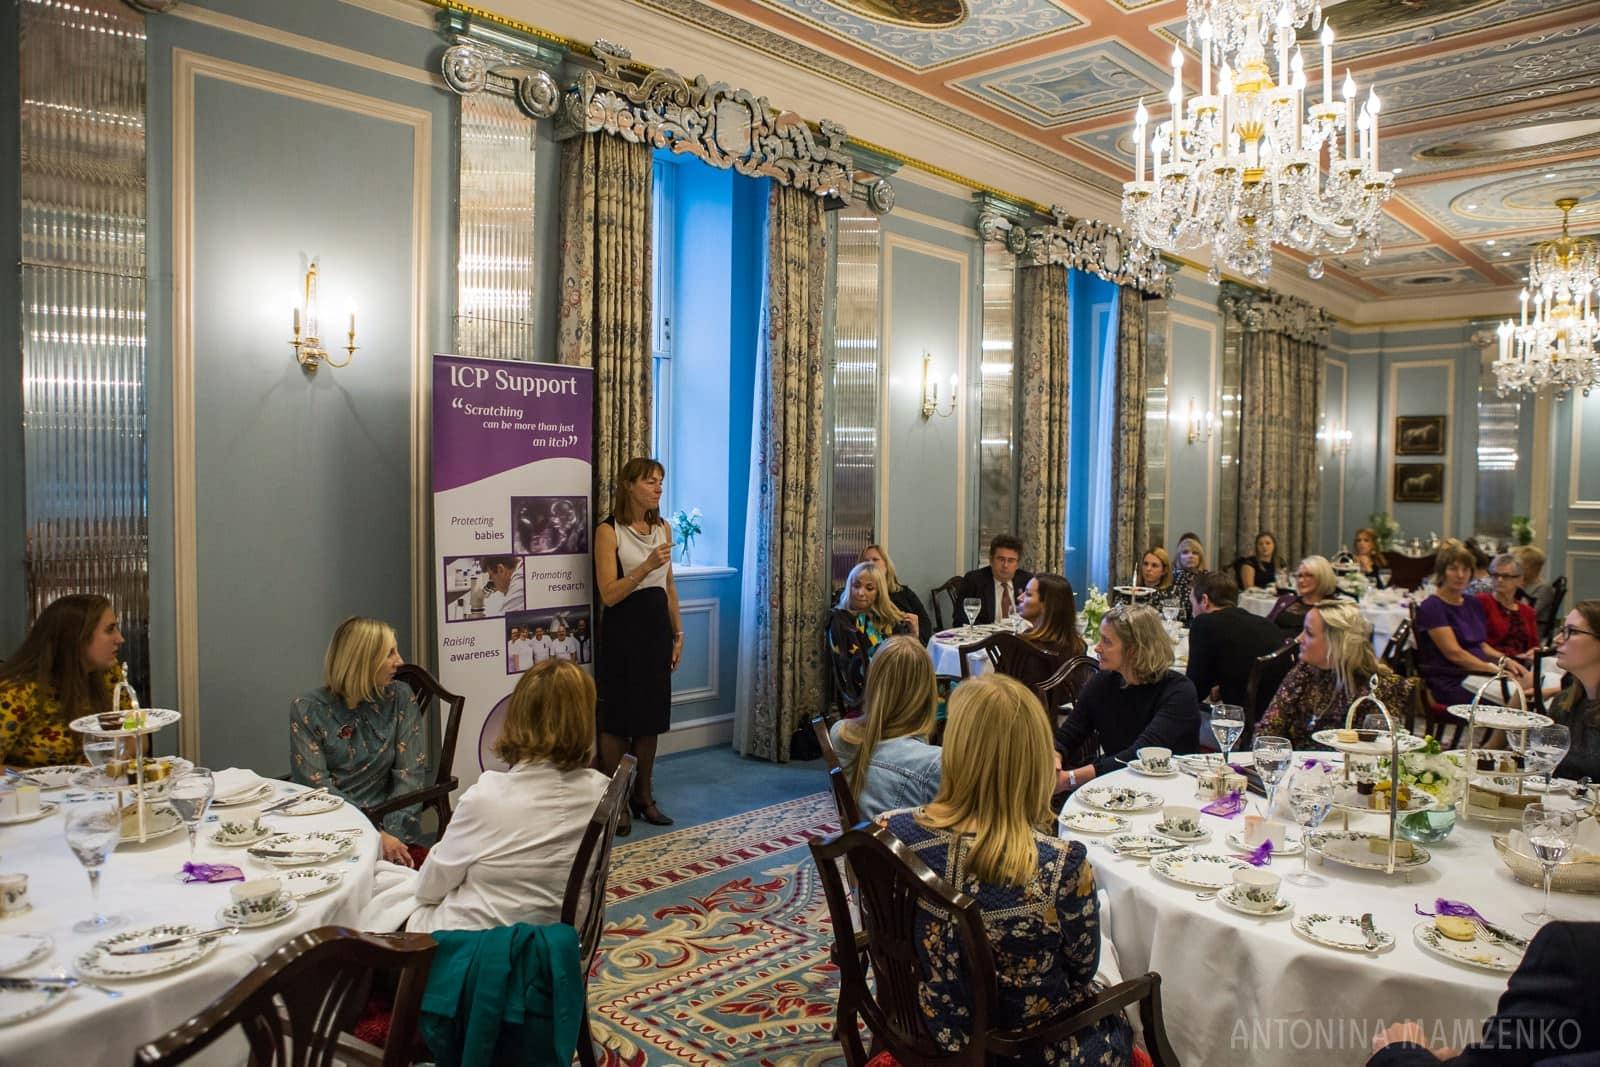 ICP Support Patron Professor Catherine Williamson speaking at the ICP event